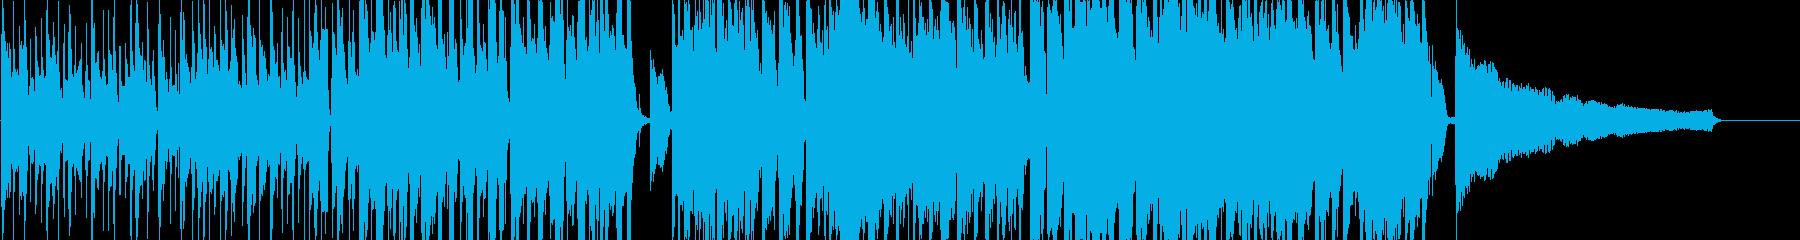 スタイリッシュなアコースティックロックの再生済みの波形